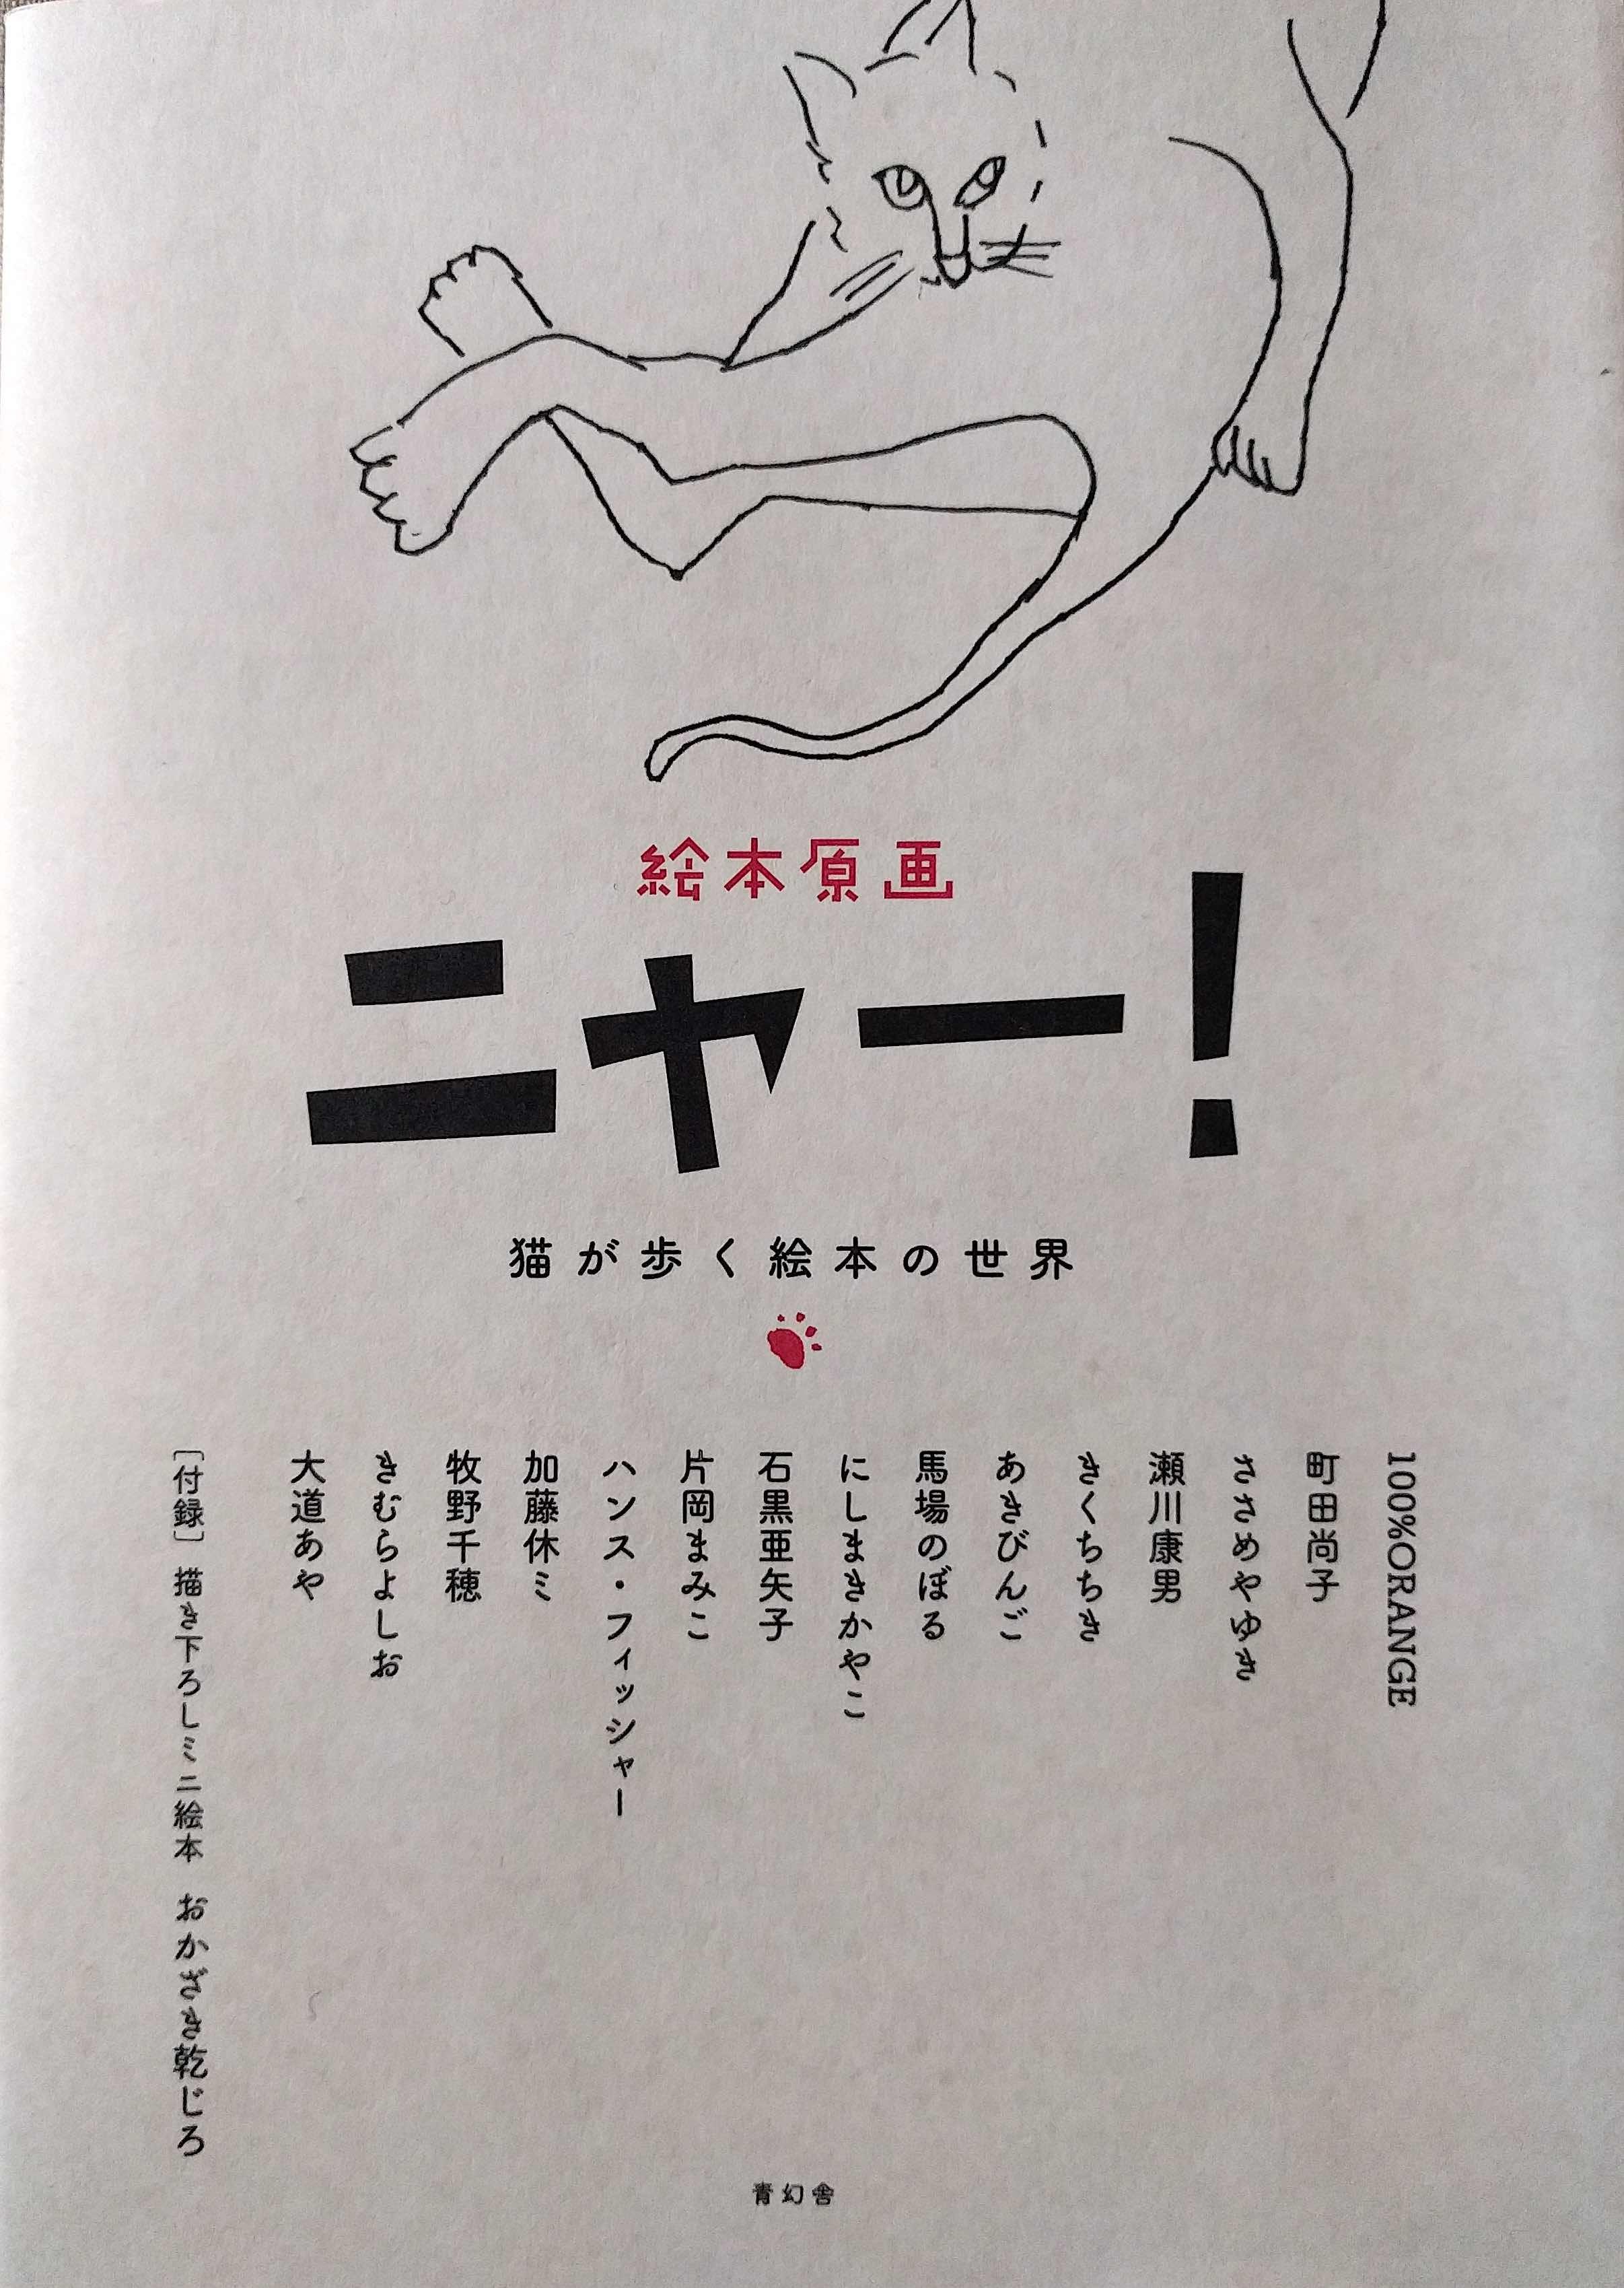 『絵本原画ニャー!猫が歩く絵本の世界』_a0265743_20414580.jpg